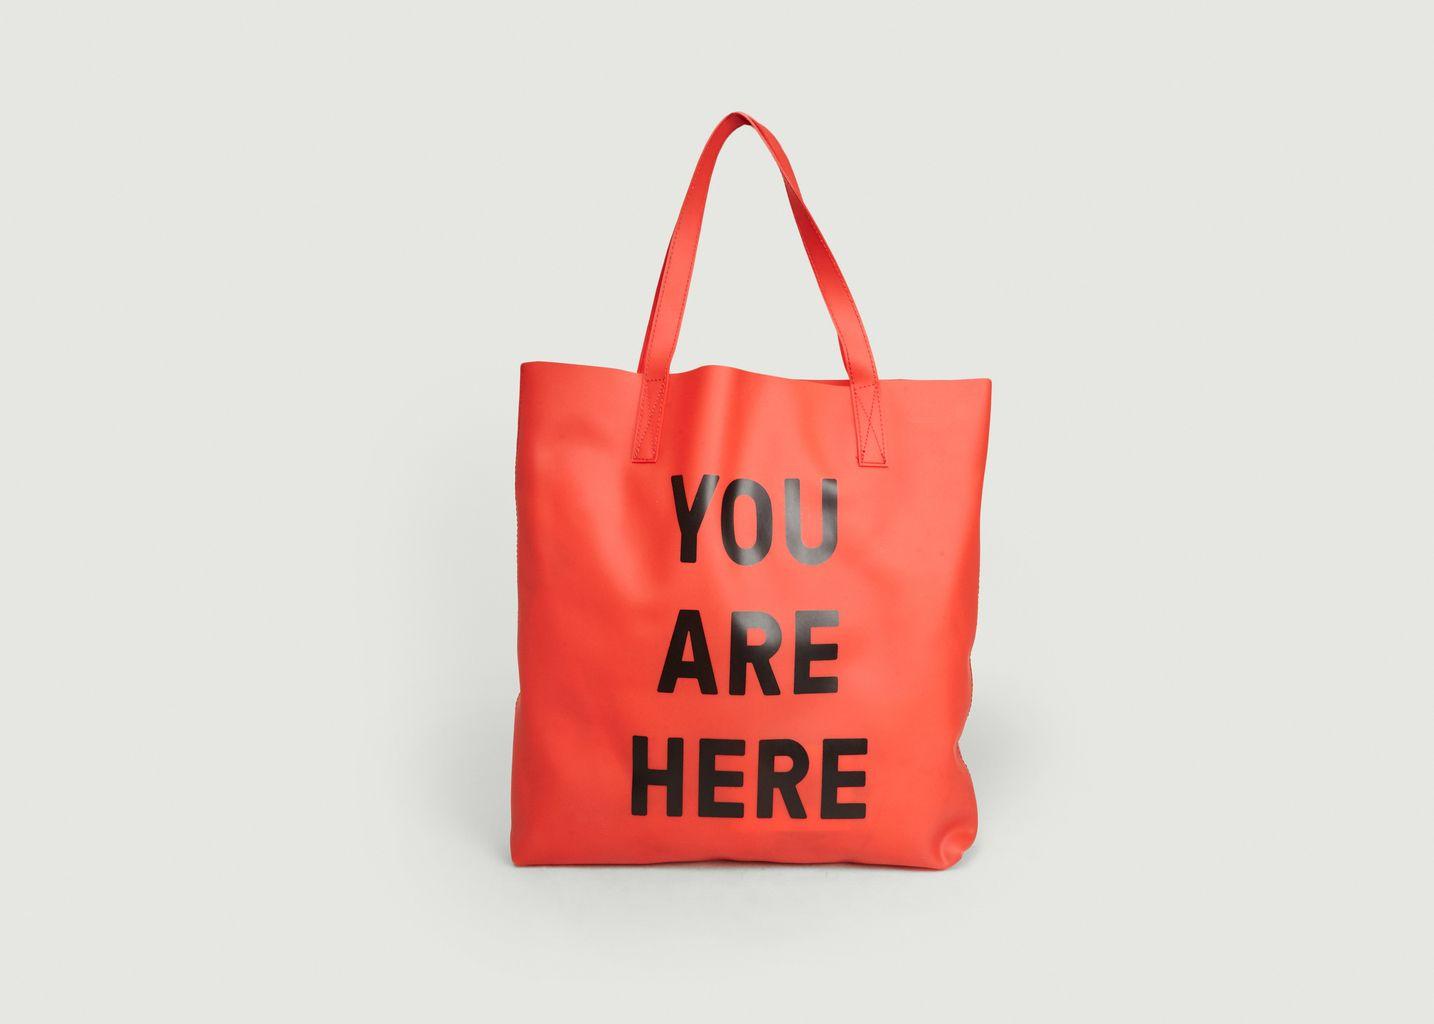 Sac Cabas You Are Here - Loreak Mendian